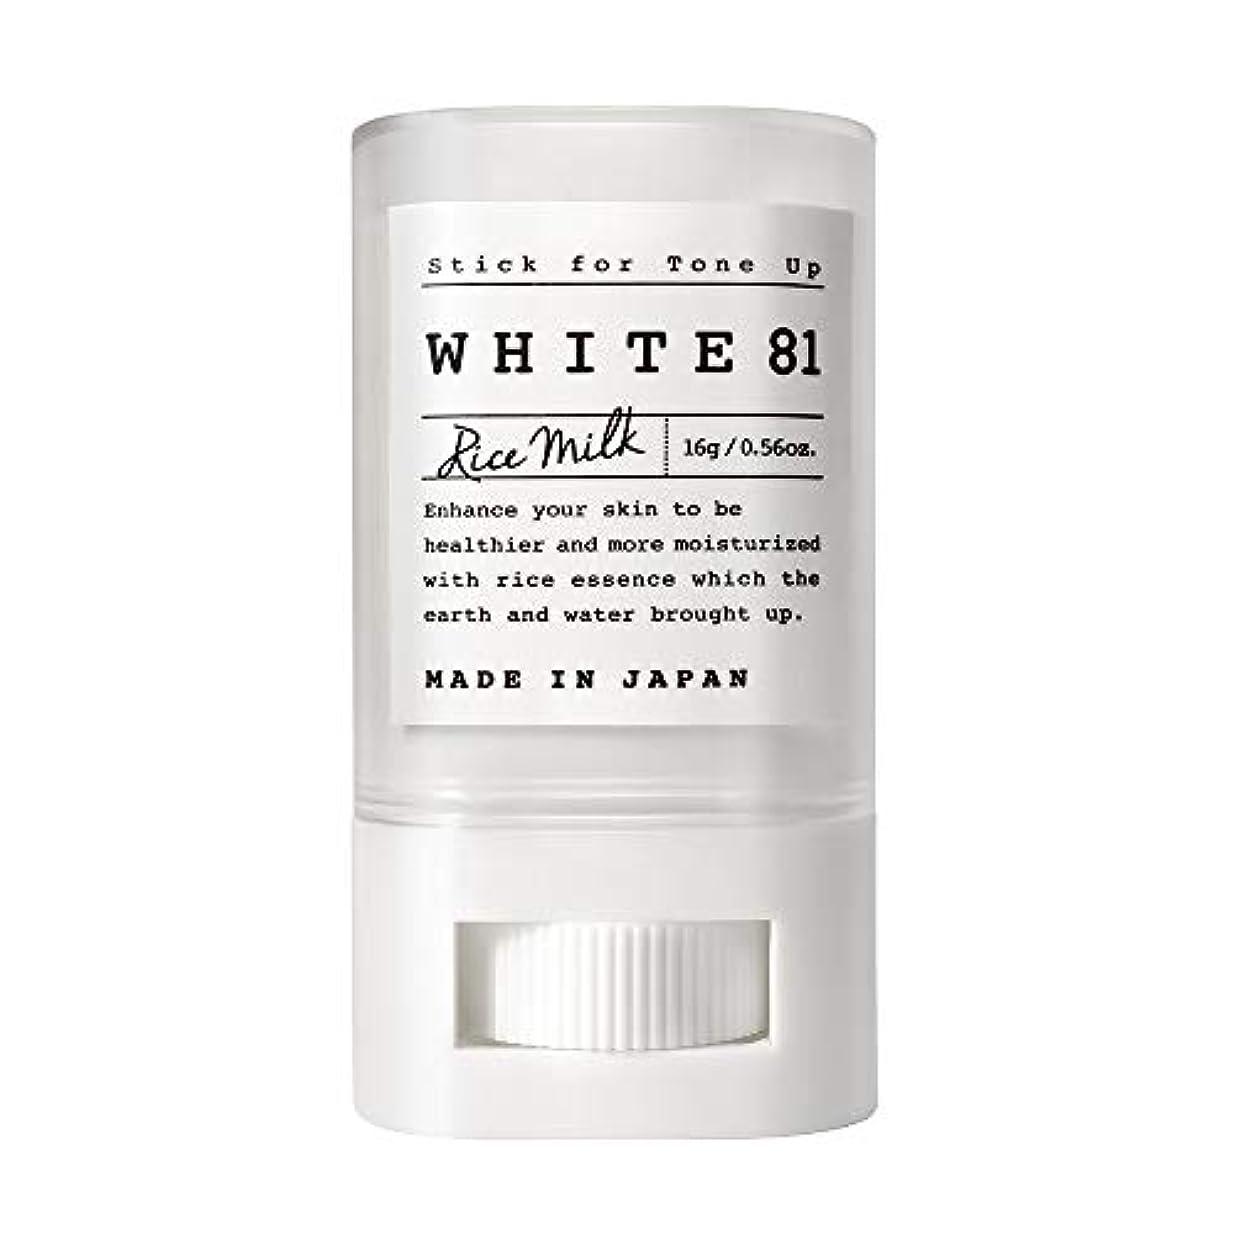 マリナーこれら考古学WHITE81 ホワイト81 トーンアップスティック(化粧下地?日焼け止め / SPF35?PA+++?ウォータープルーフ?複合保湿成分配合?肌に優しい6種のフリー / 日本製)